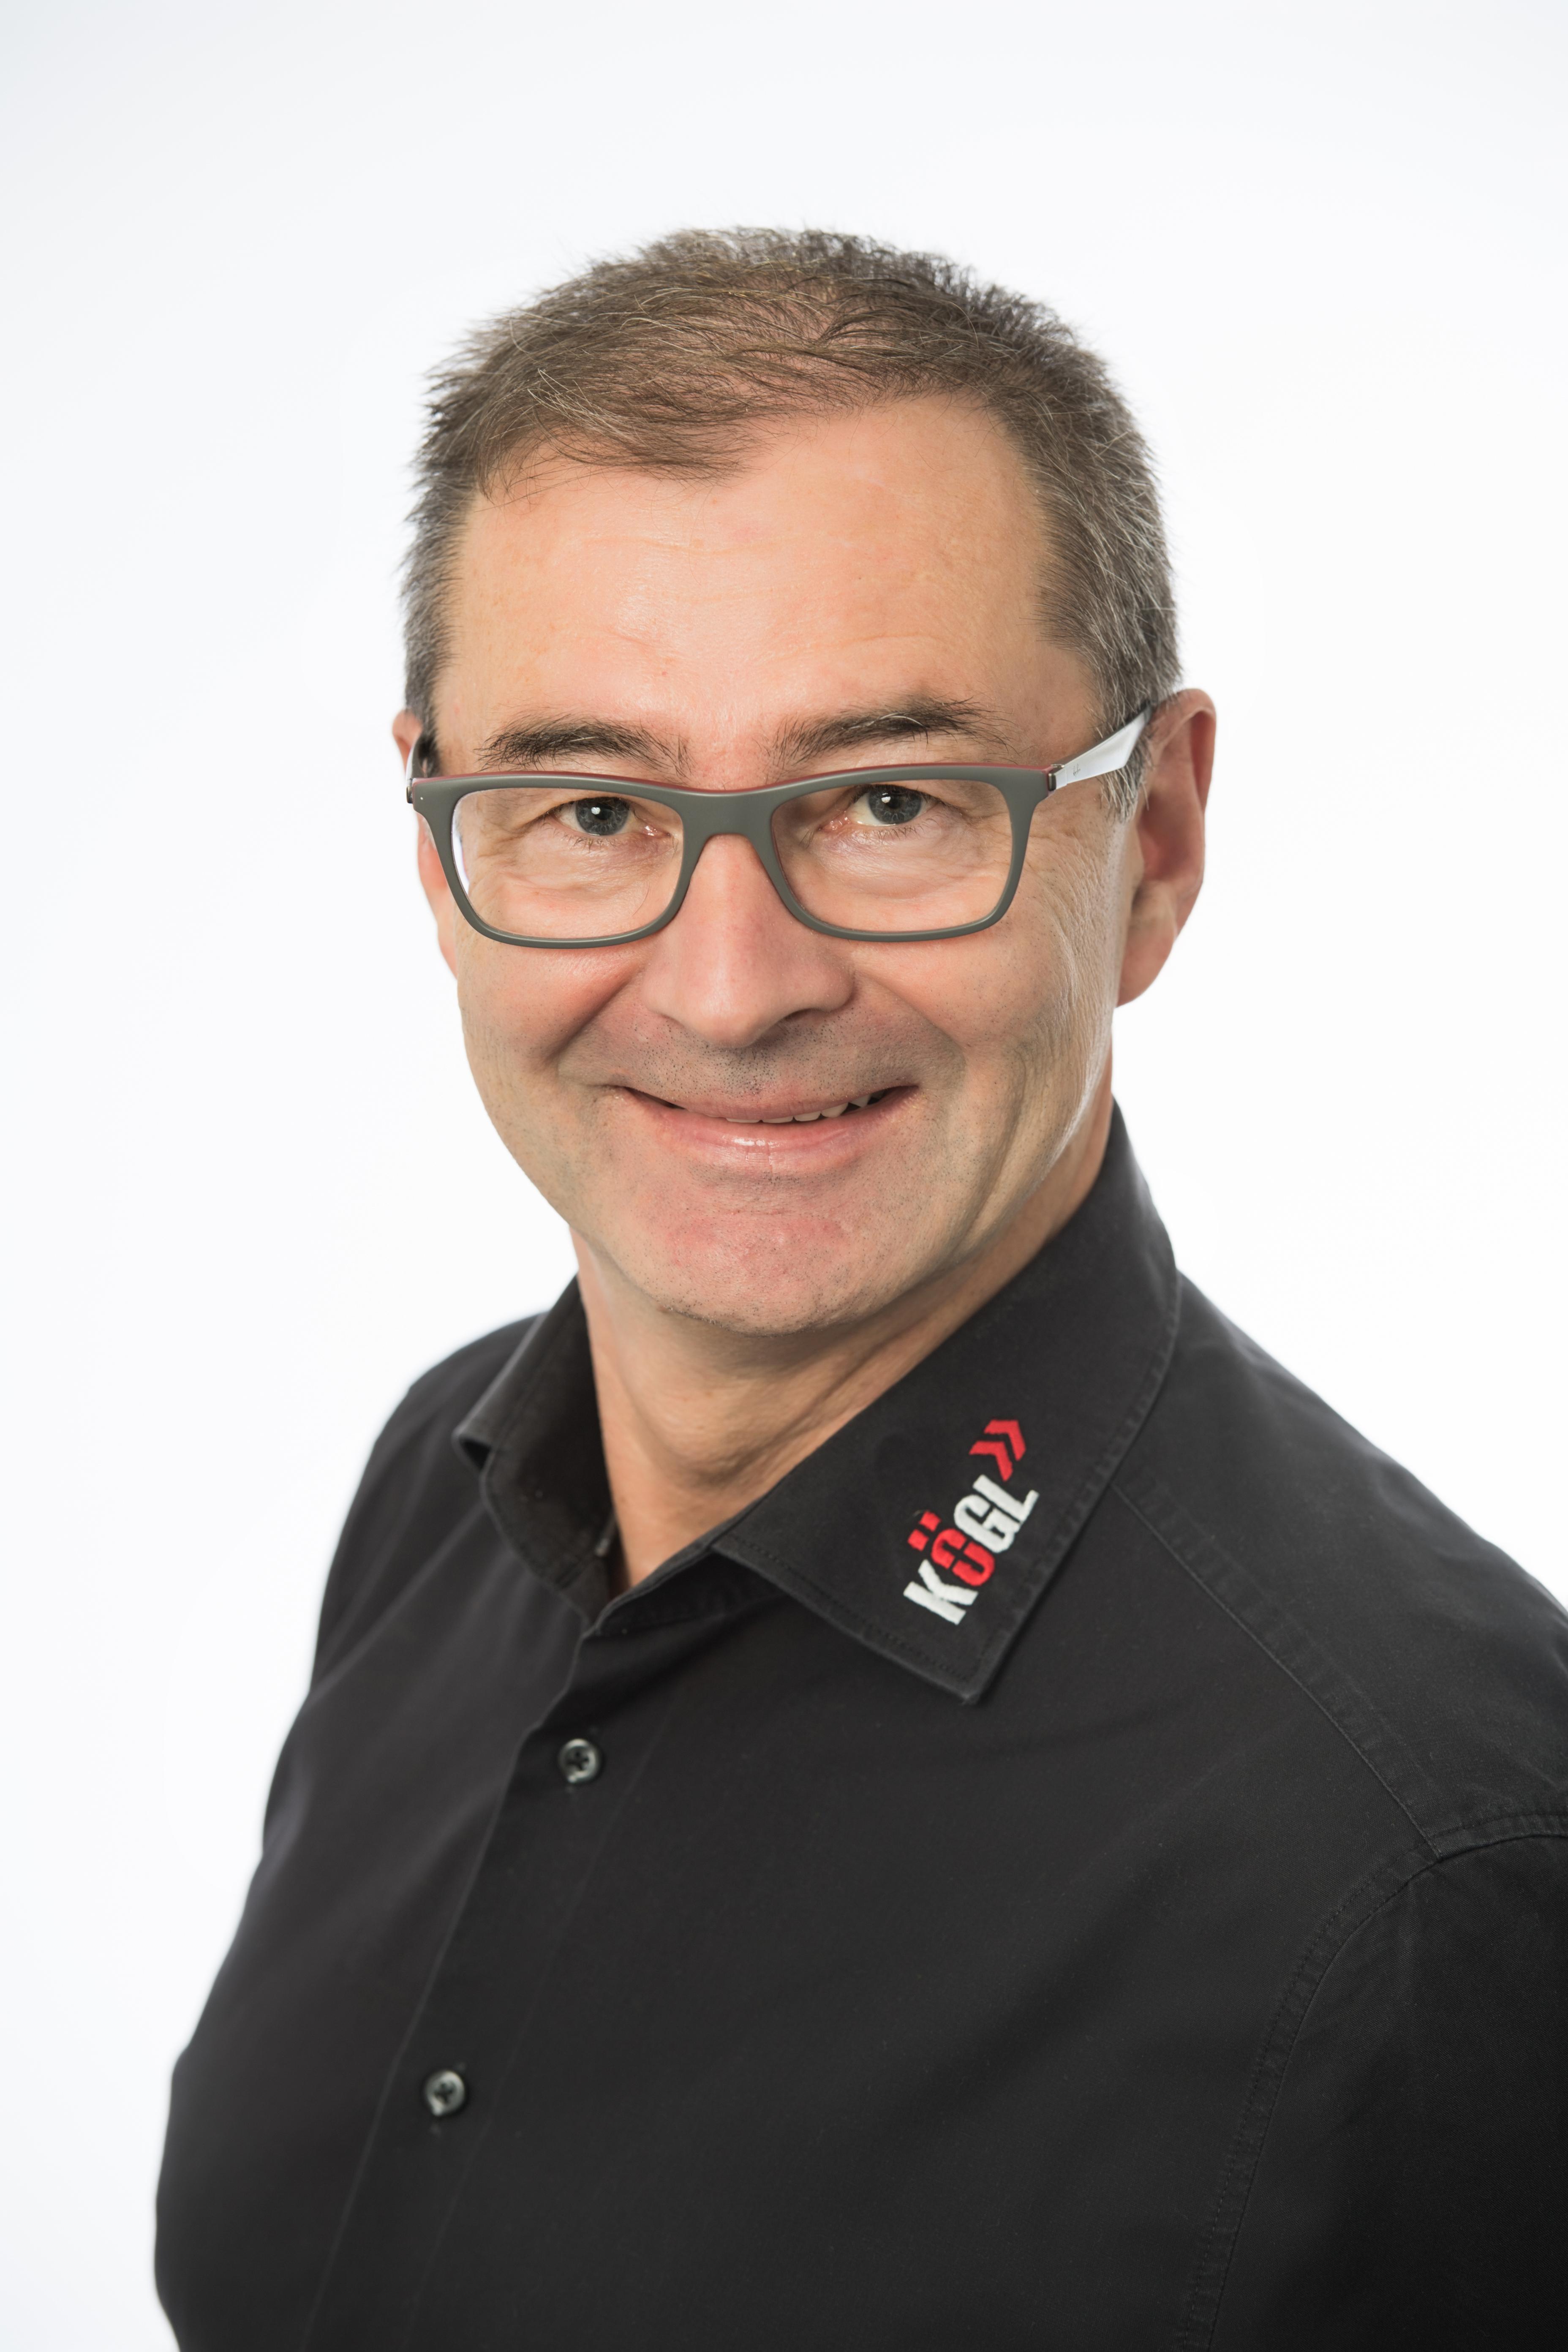 Geschäftsführer - Ing. Horst Kögl